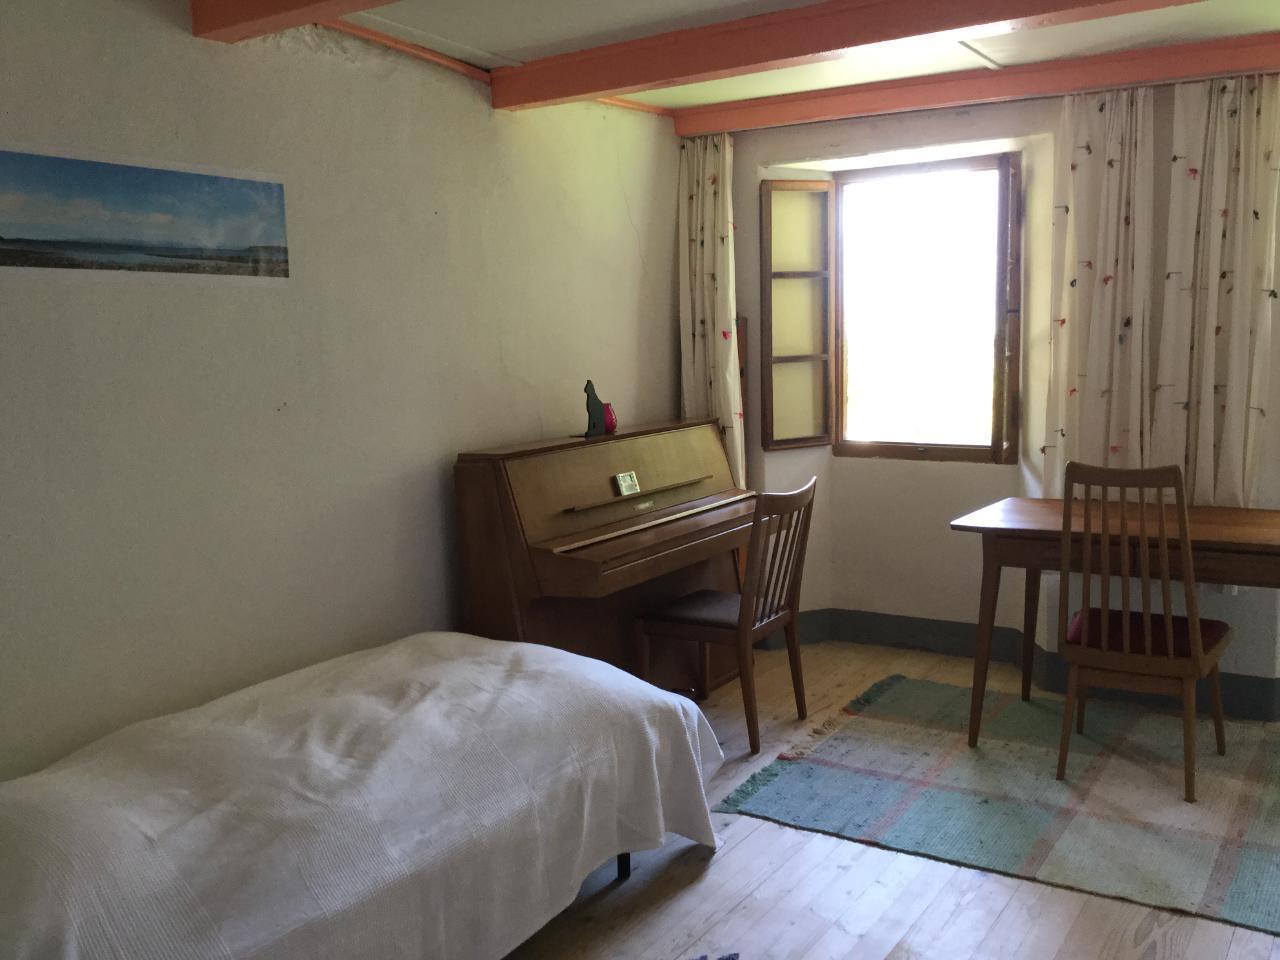 Ferienhaus Traumferienhaus (744814), Cevio, Maggiatal, Tessin, Schweiz, Bild 14